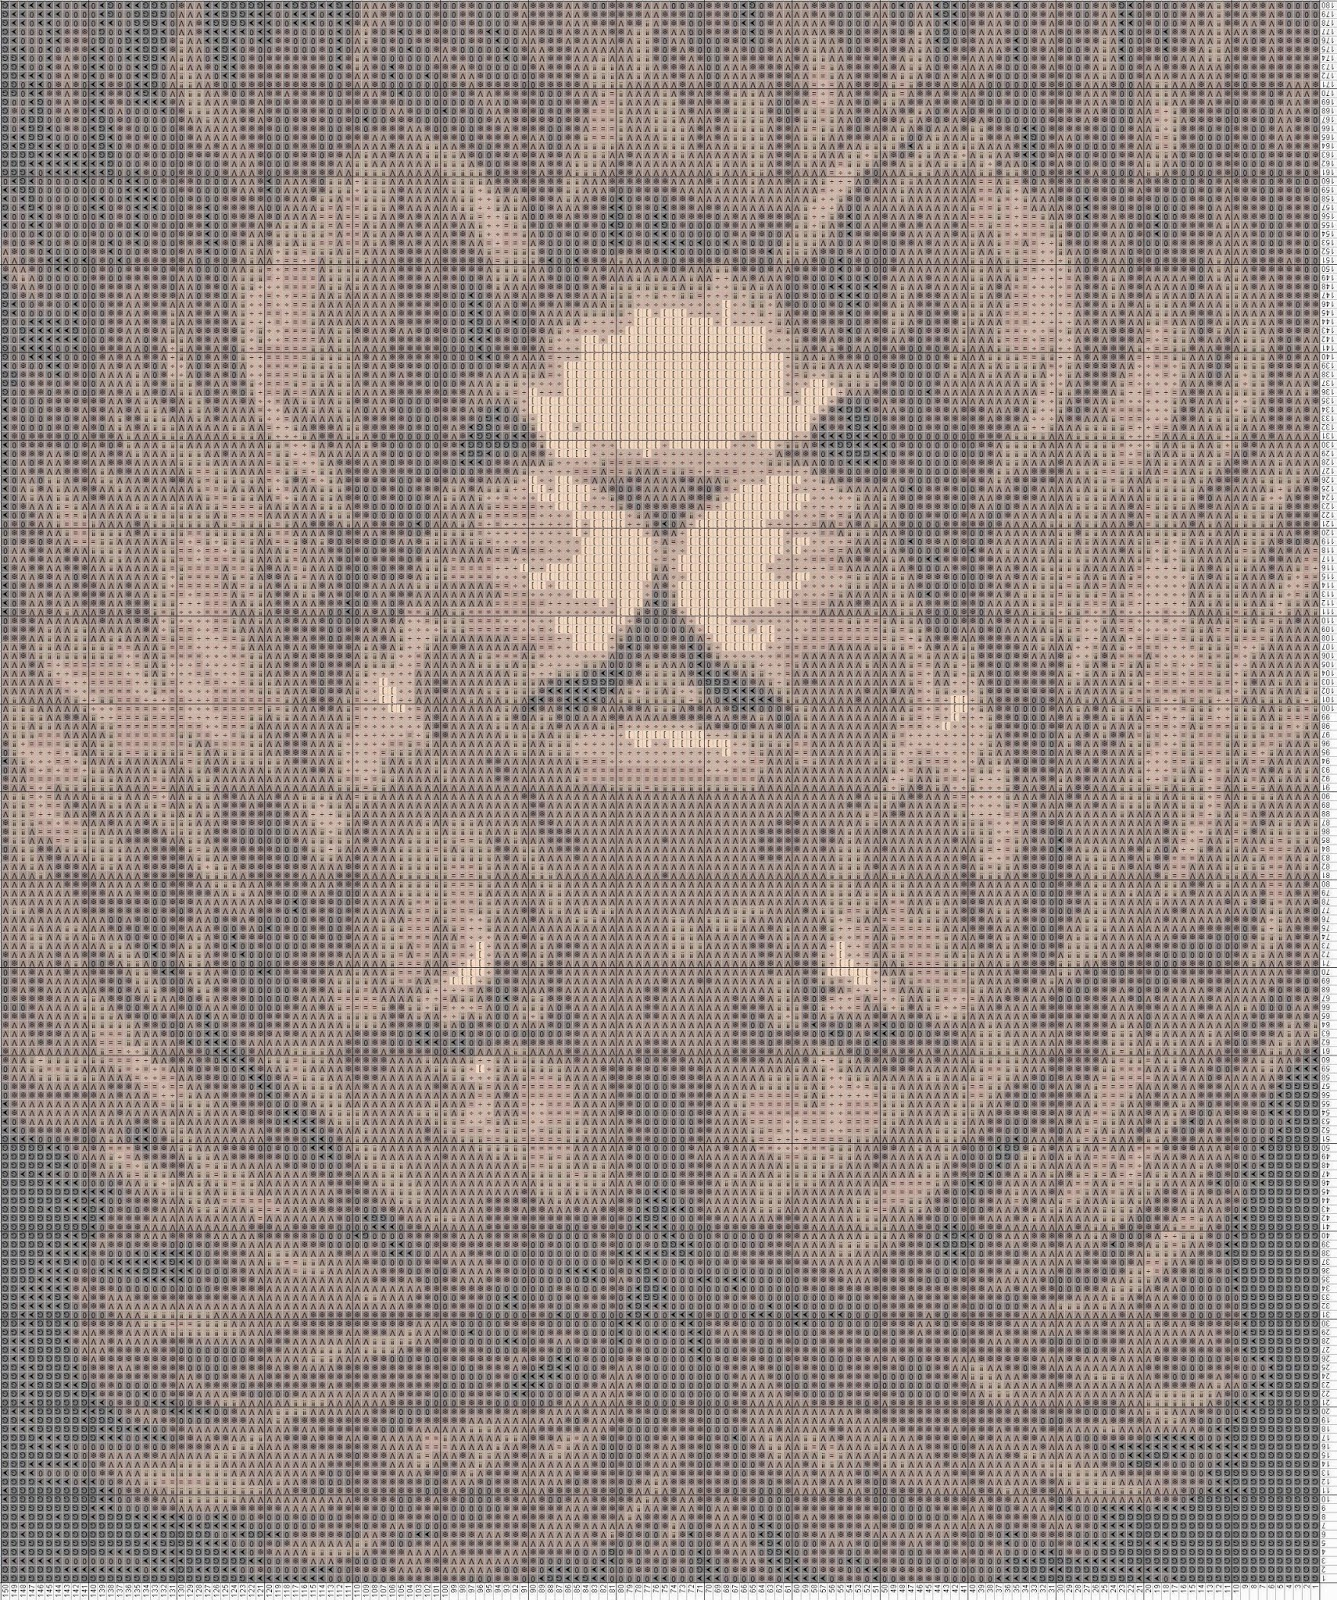 Gambar Pola Kristik - Ilusi Optik 2 - Singa atau Tikus